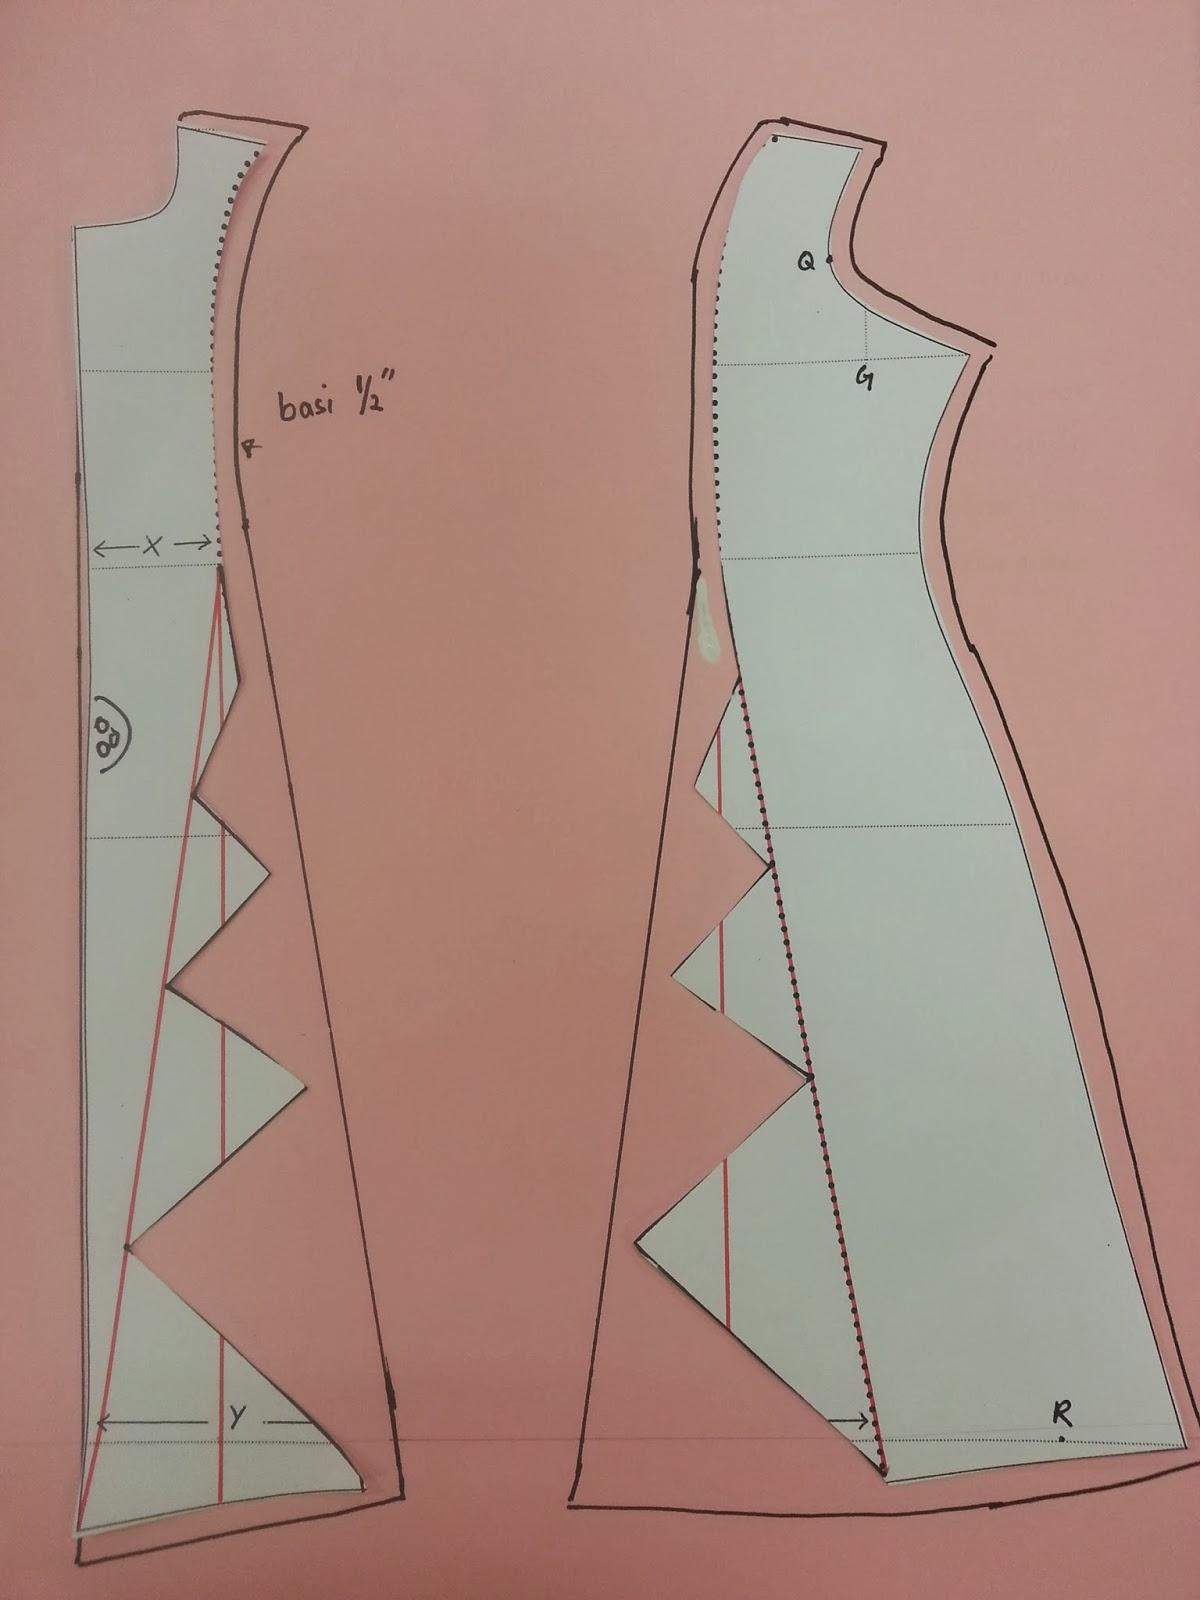 gunting pola ikut garisan zig zag tu, letak pola atas kain.